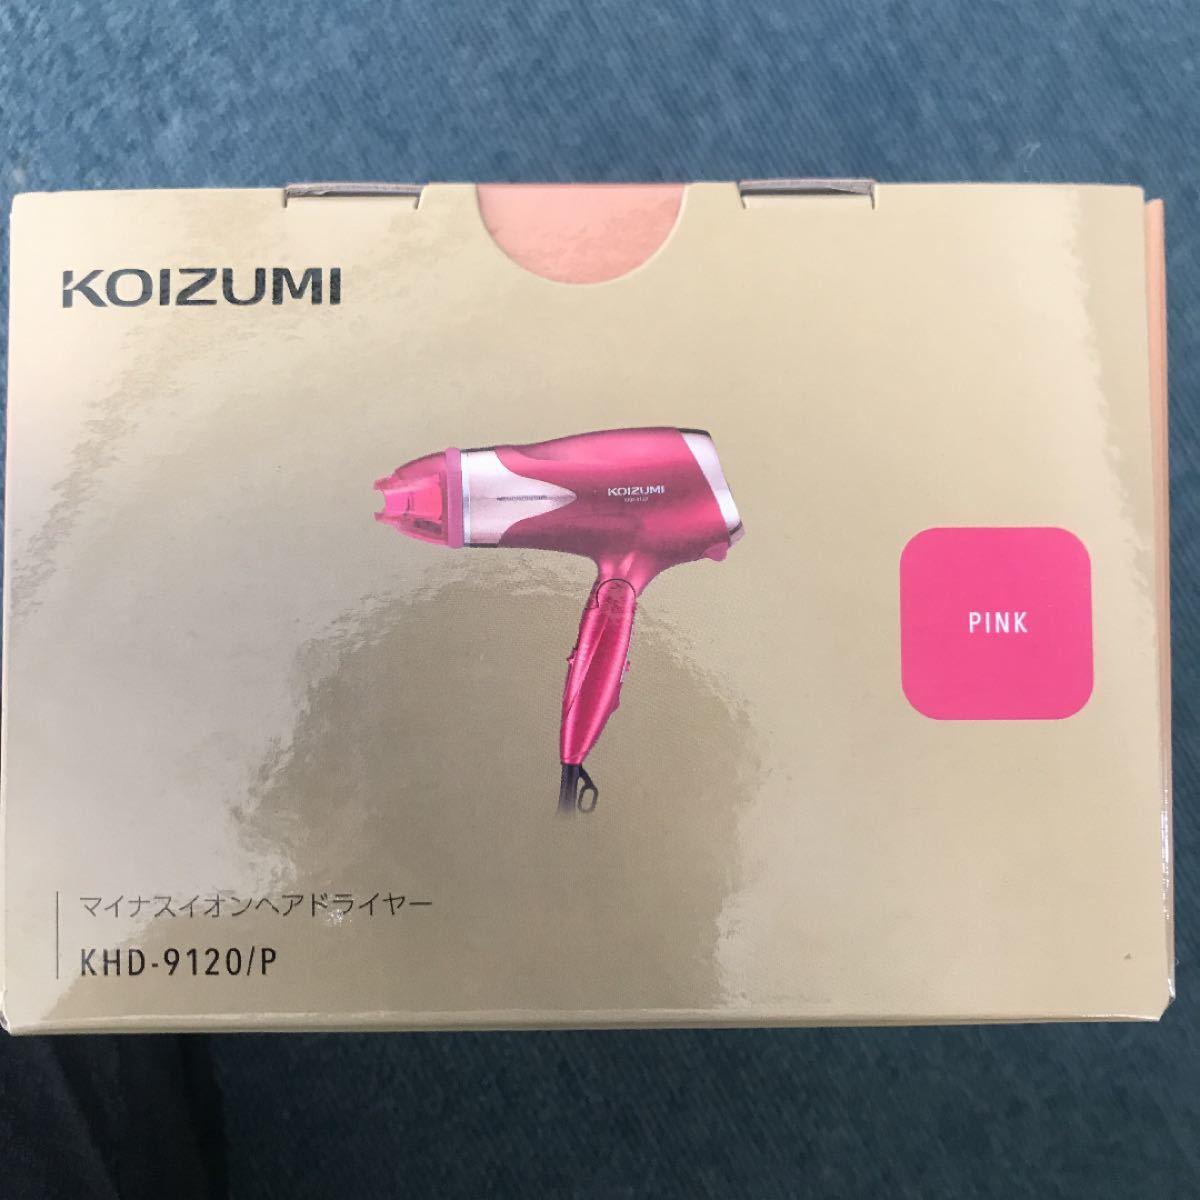 マイナスイオンヘアドライヤー KHD-9120/P